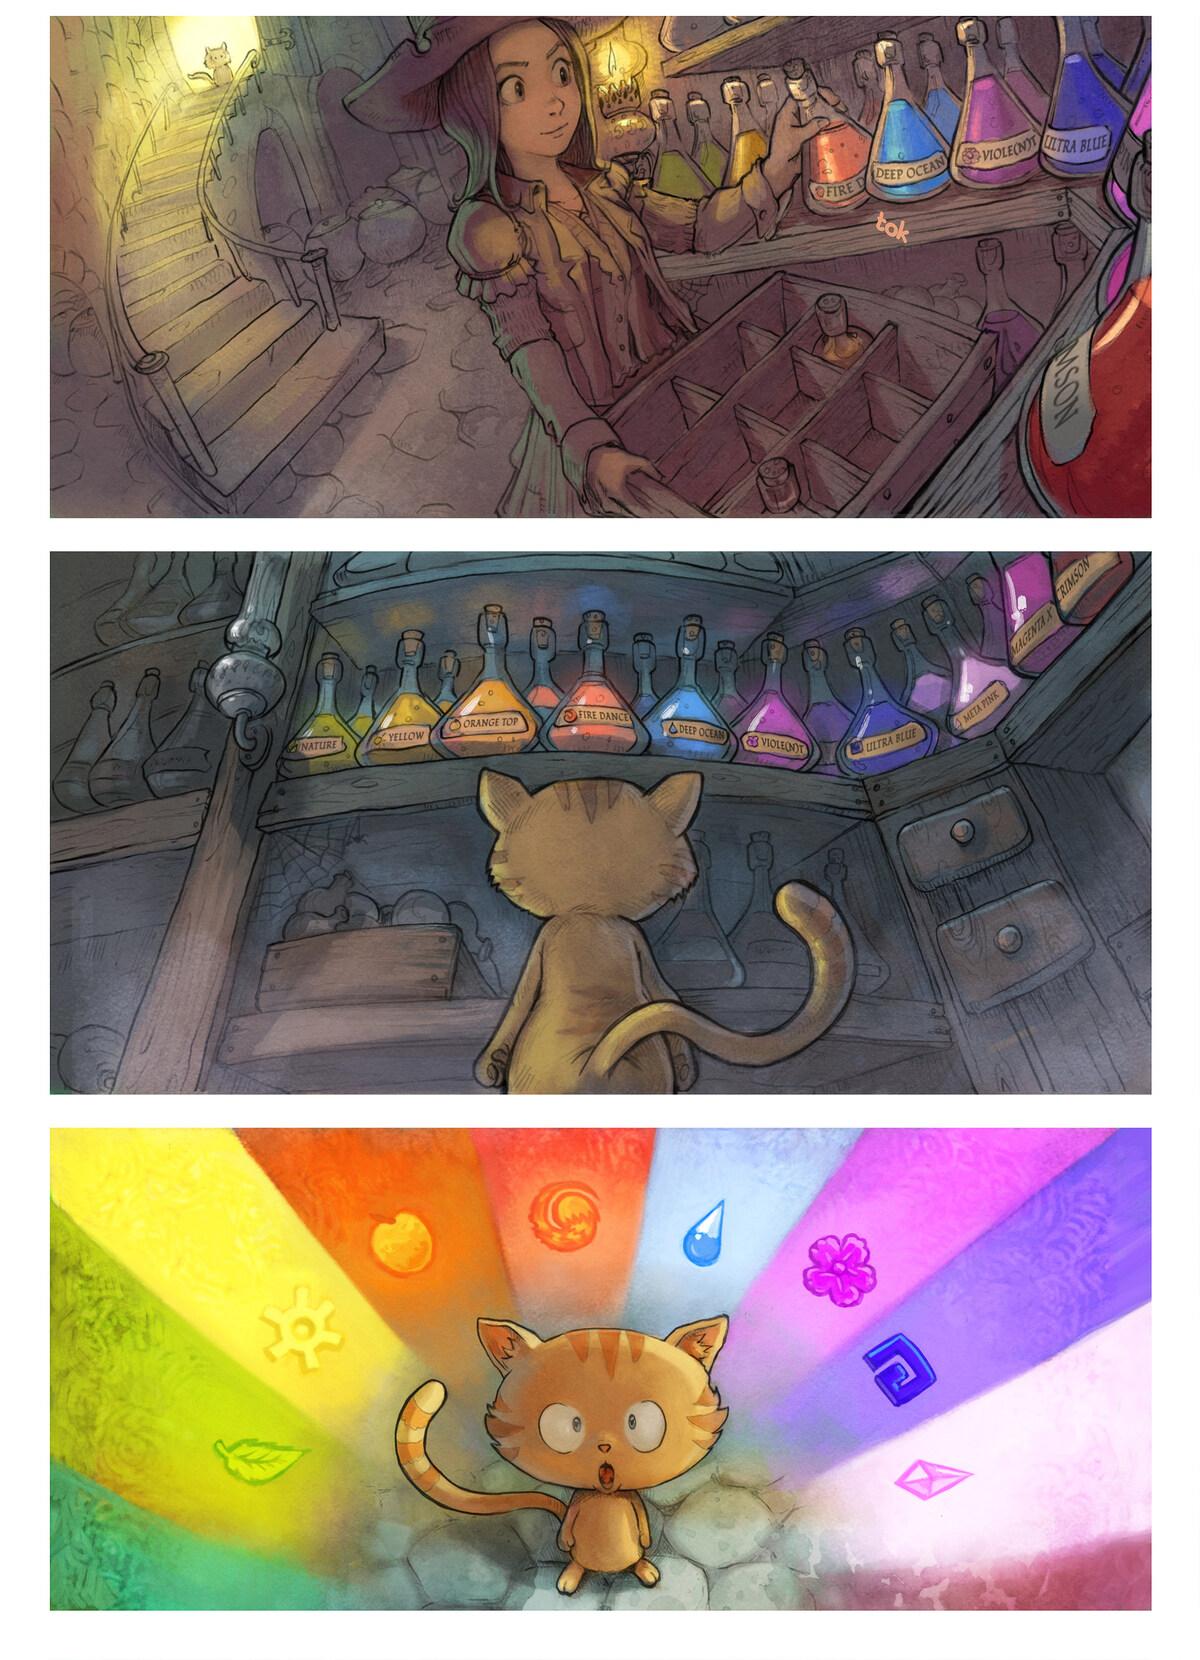 A webcomic page of Pepper&Carrot, episodi 2 [ca], pàgina 2